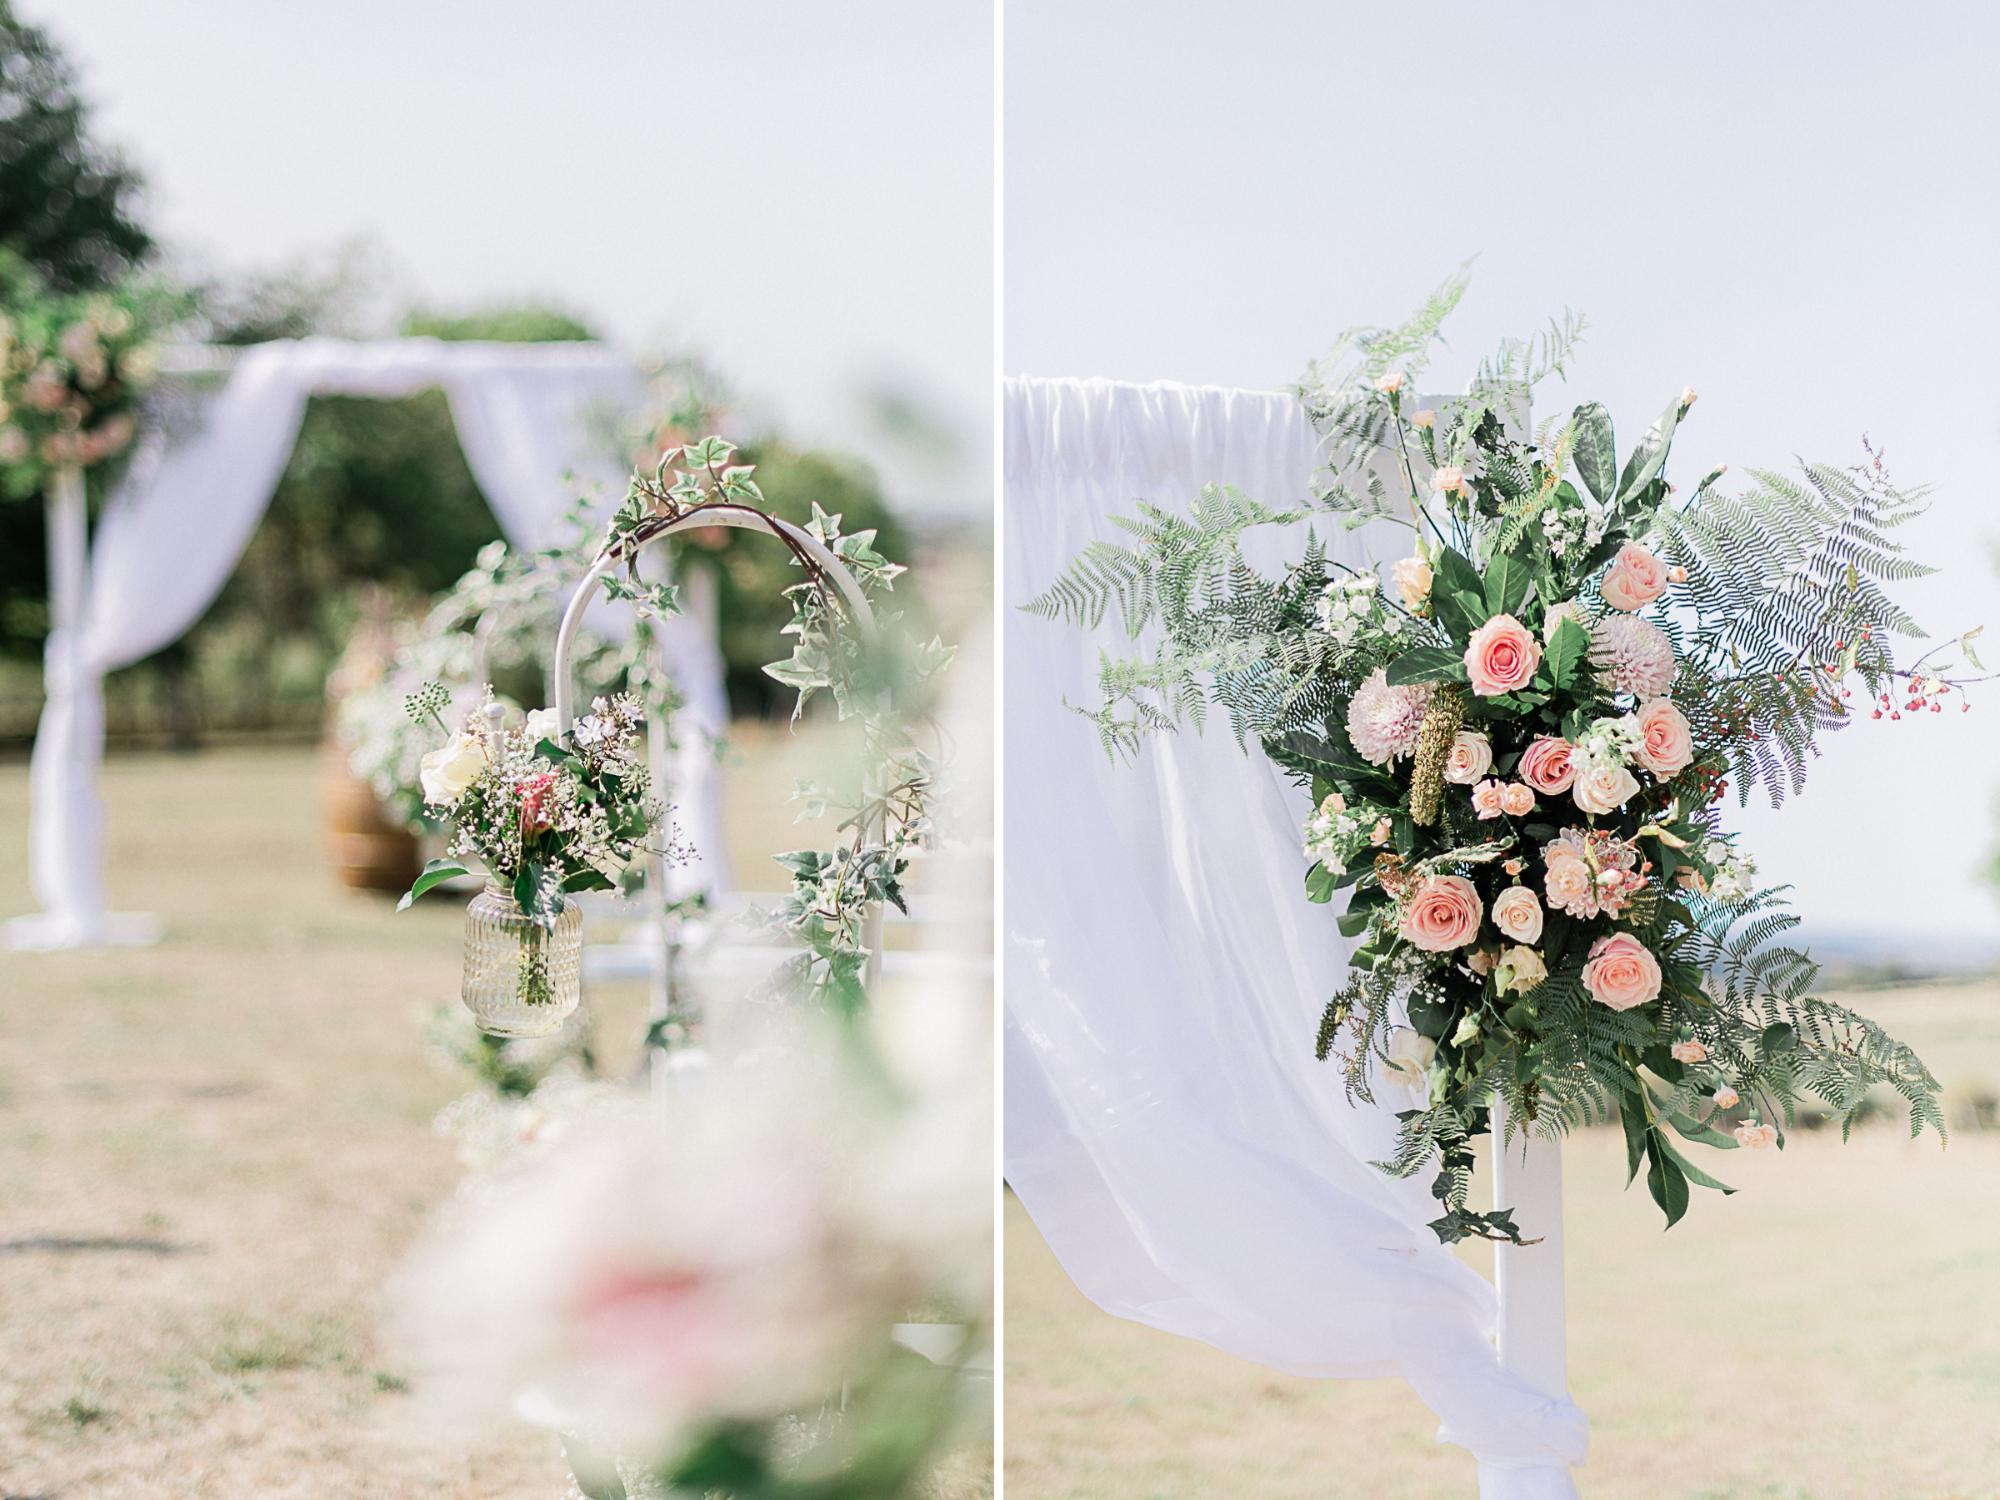 priscillapuzenat-photographe-mariage-bazoches-chateau-nievre-morvan-bourgogne-ceremonie-laique-decoration-florale